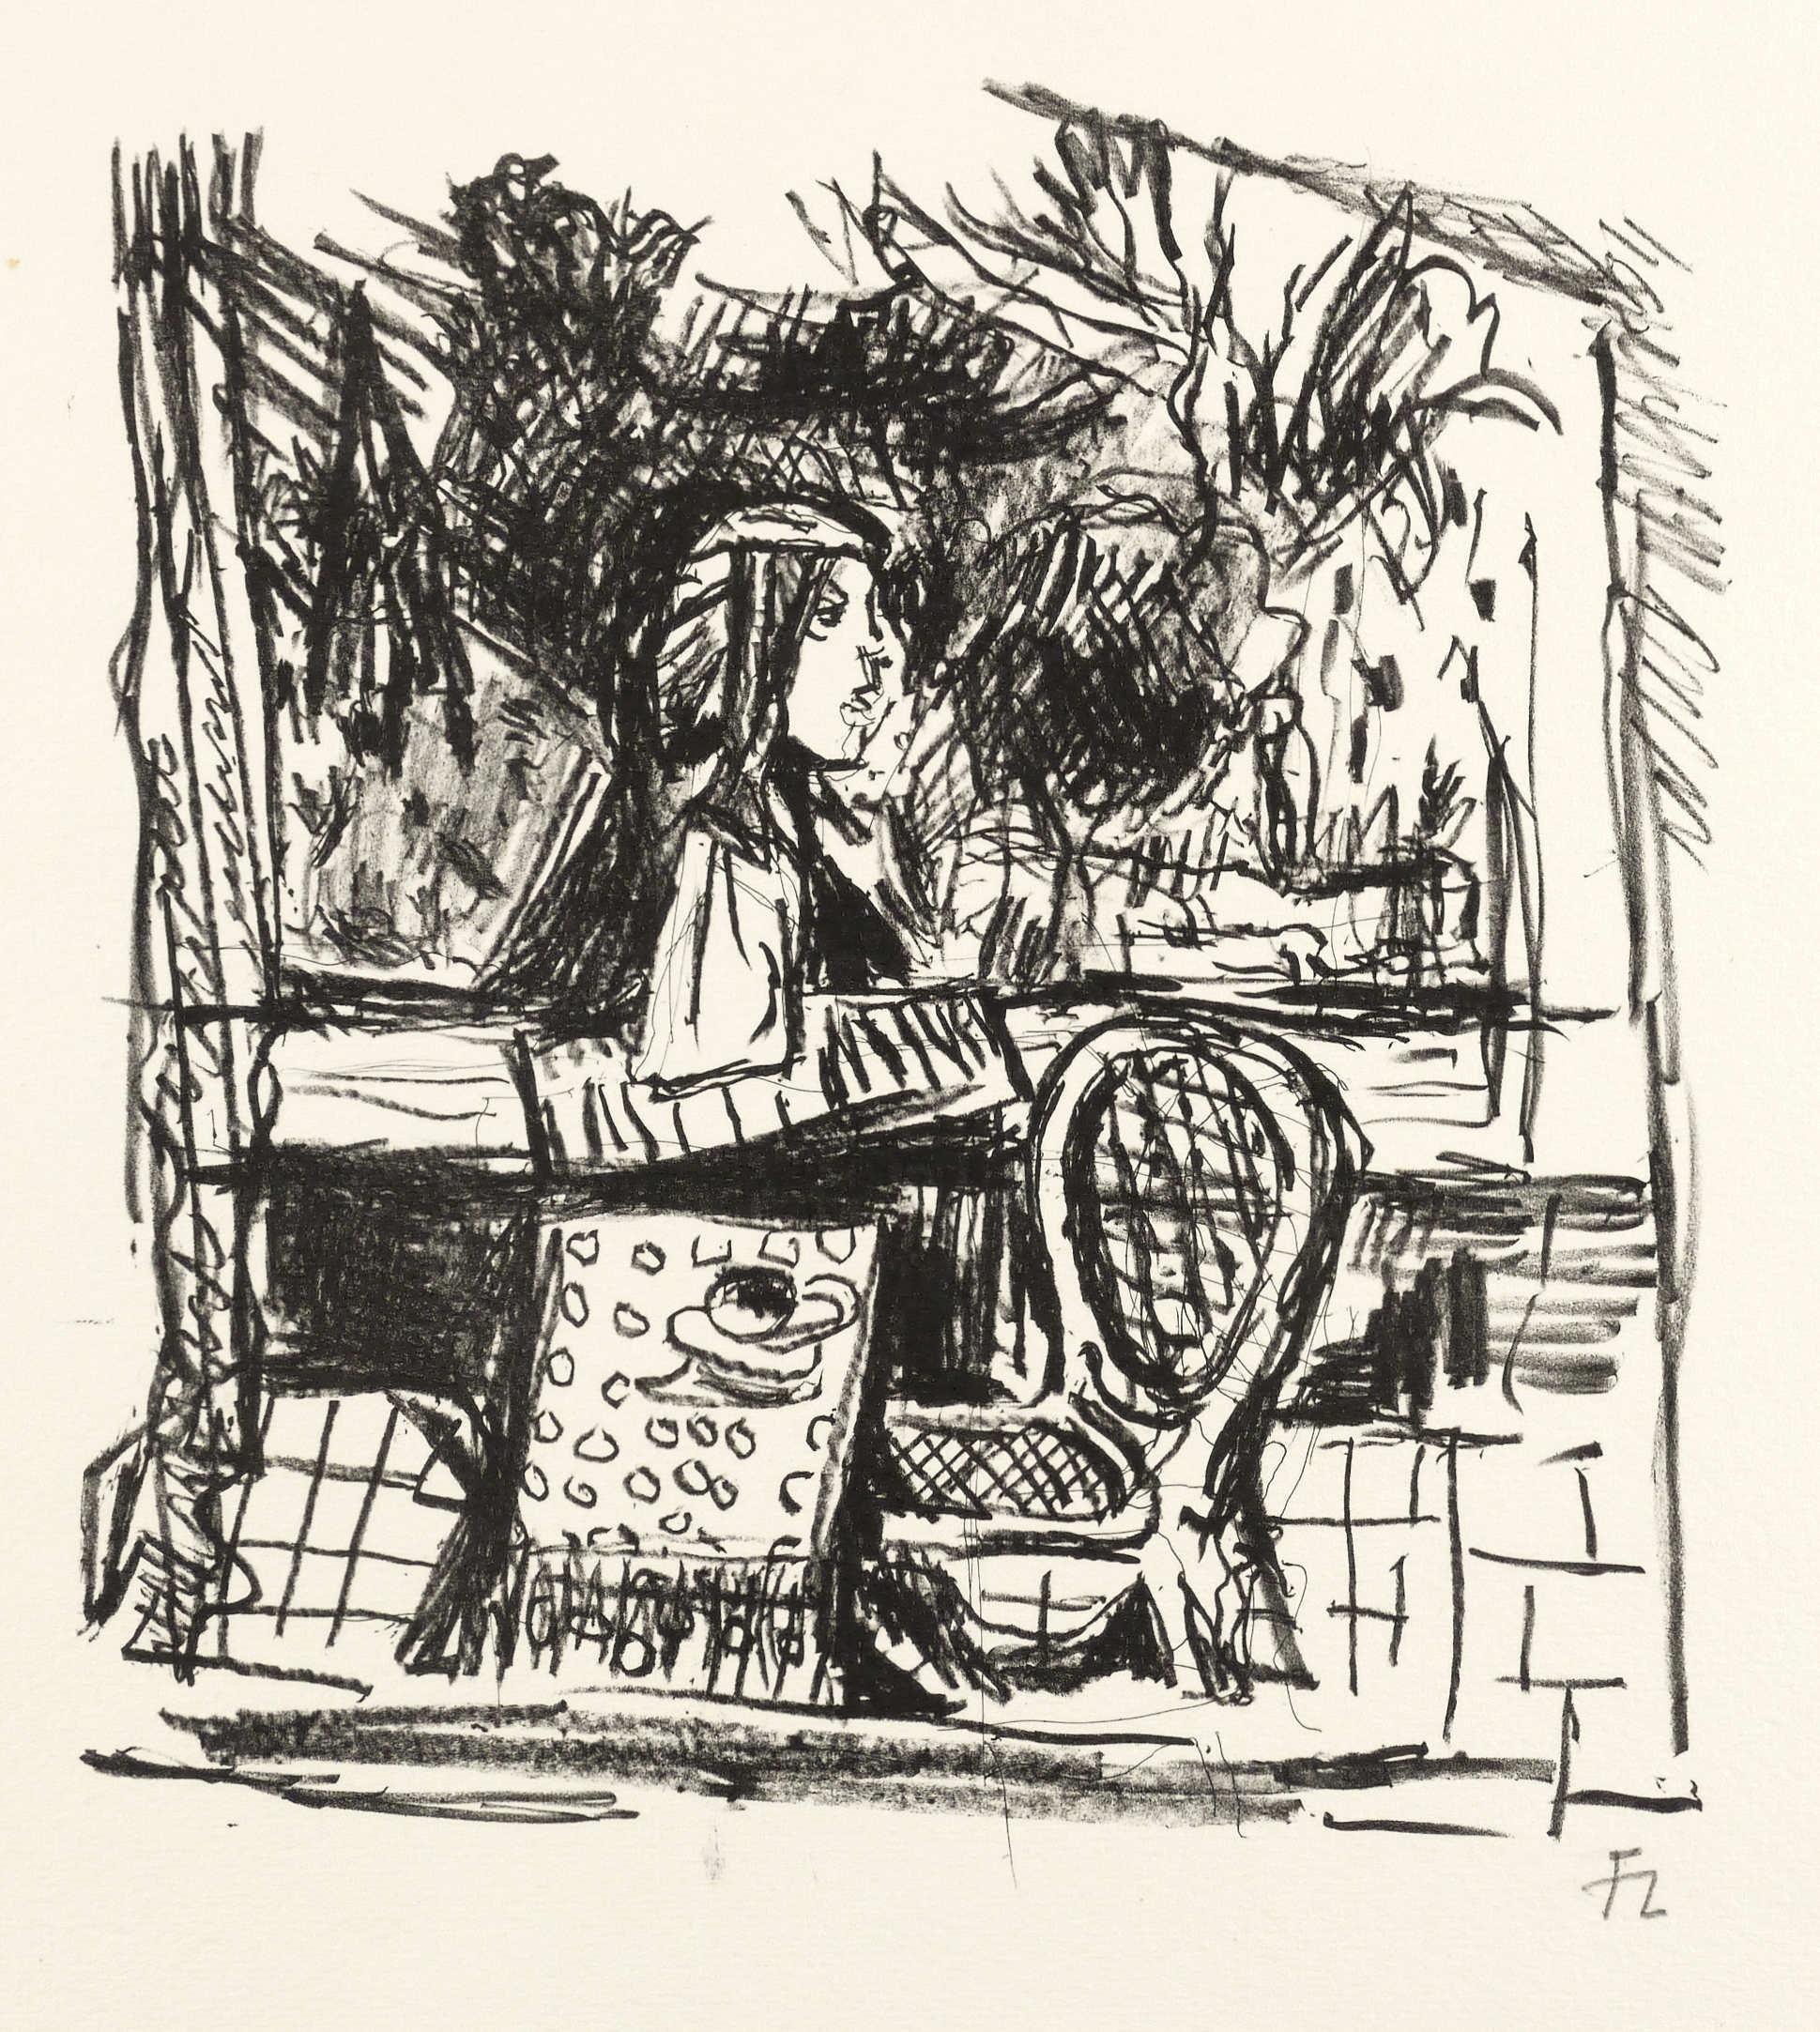 Heuer, Joachim. - Büste auf der Terrasse. Lithografie / Kreidelithografie, in Schwarz, auf hellgelbem Maschinenbütten, 1980-1985. Von Joachim Heuer. 24,5 x 23,5 cm (Darstellung) / 37,5 x 50 cm